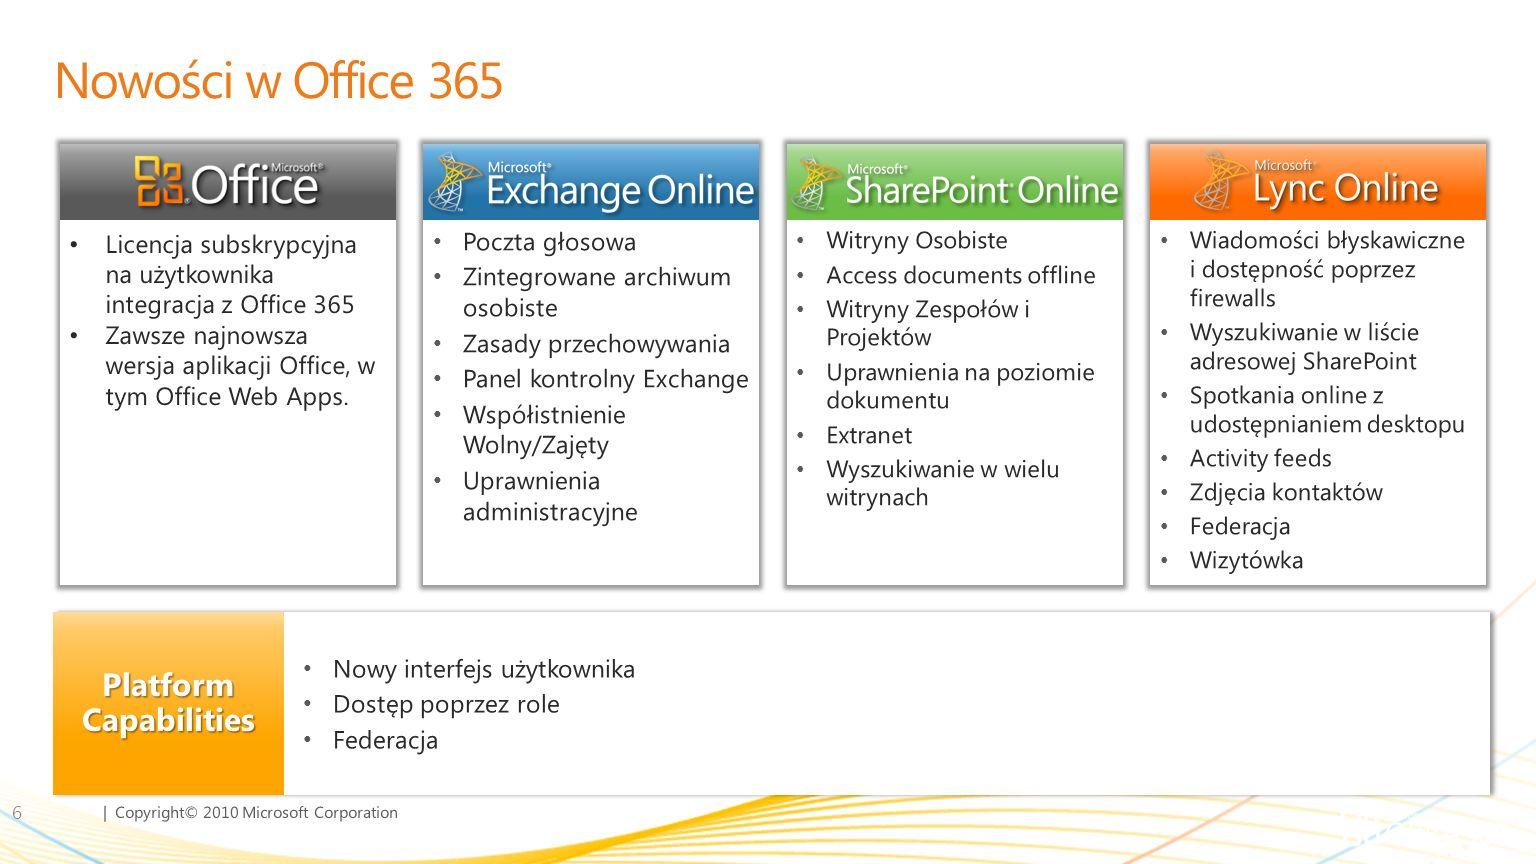 | Copyright© 2010 Microsoft Corporation Office 365 Narzędzia do komunikacji i współpracy prosto z chmury z najnowszymi wersjami aplikacji desktopowych